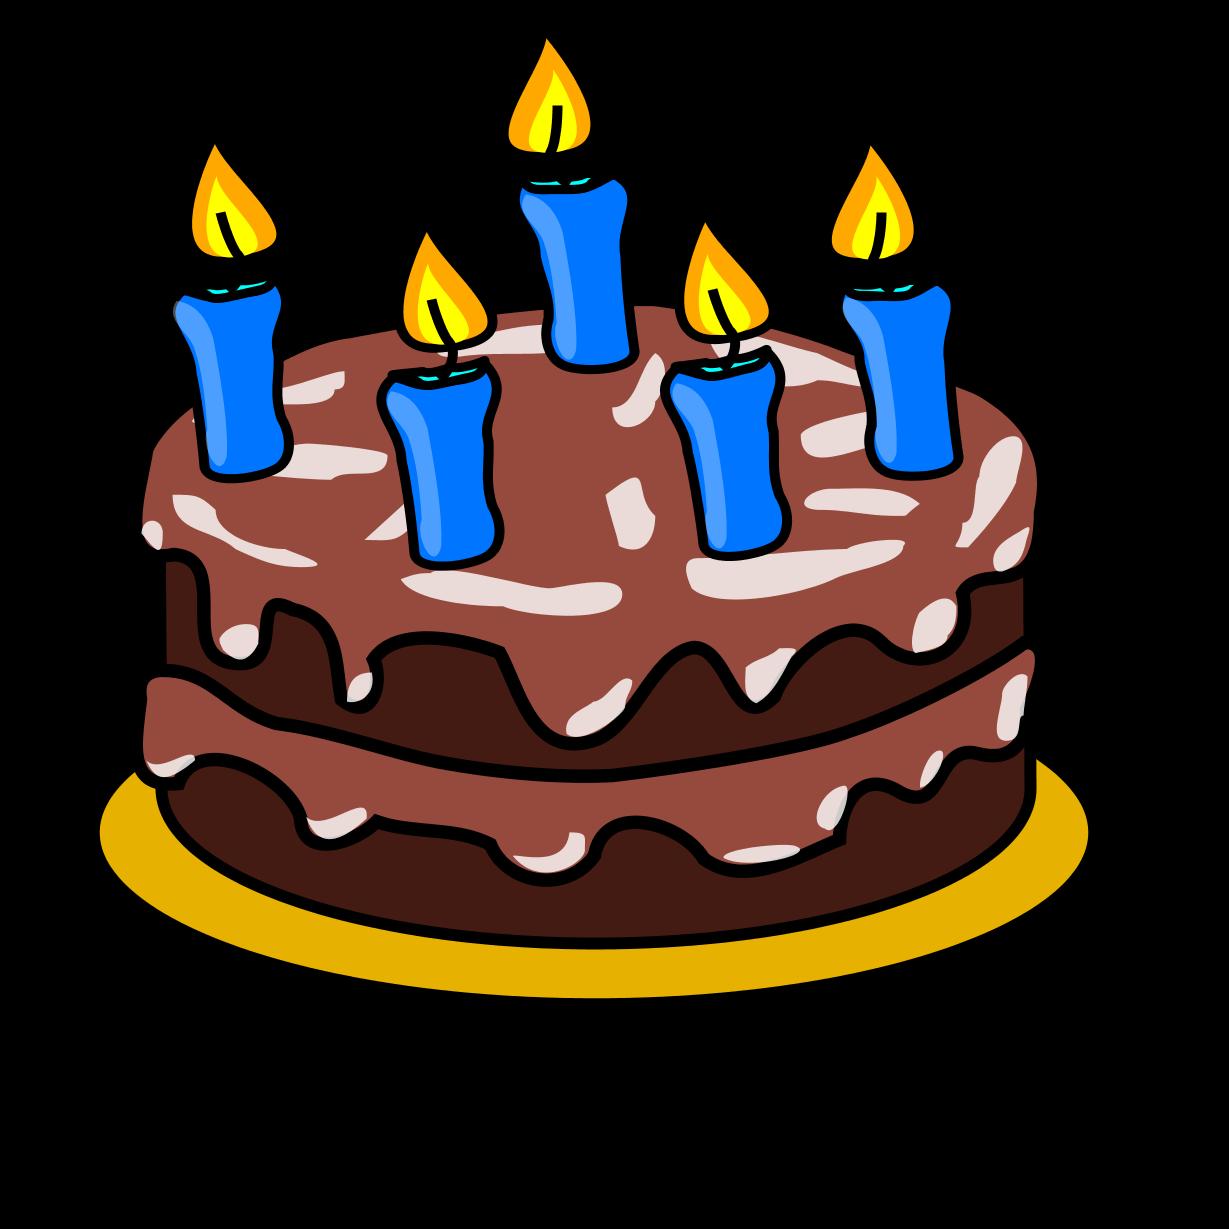 Birthday Clip Art Microsoft - Cliparts.co